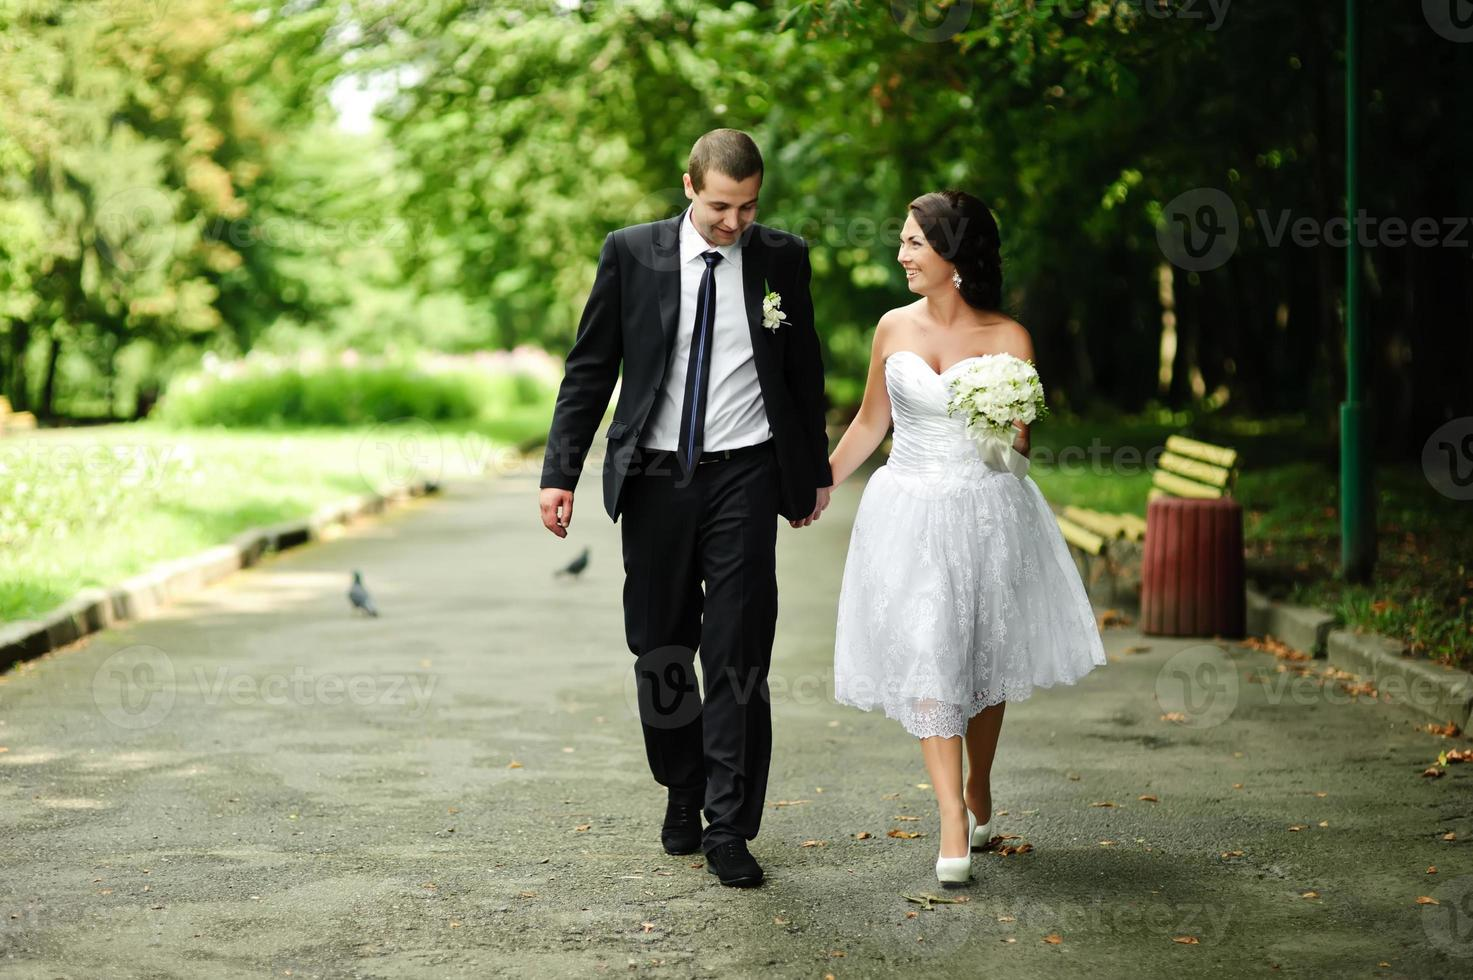 giovane coppia di sposi caucasica felice insieme. foto